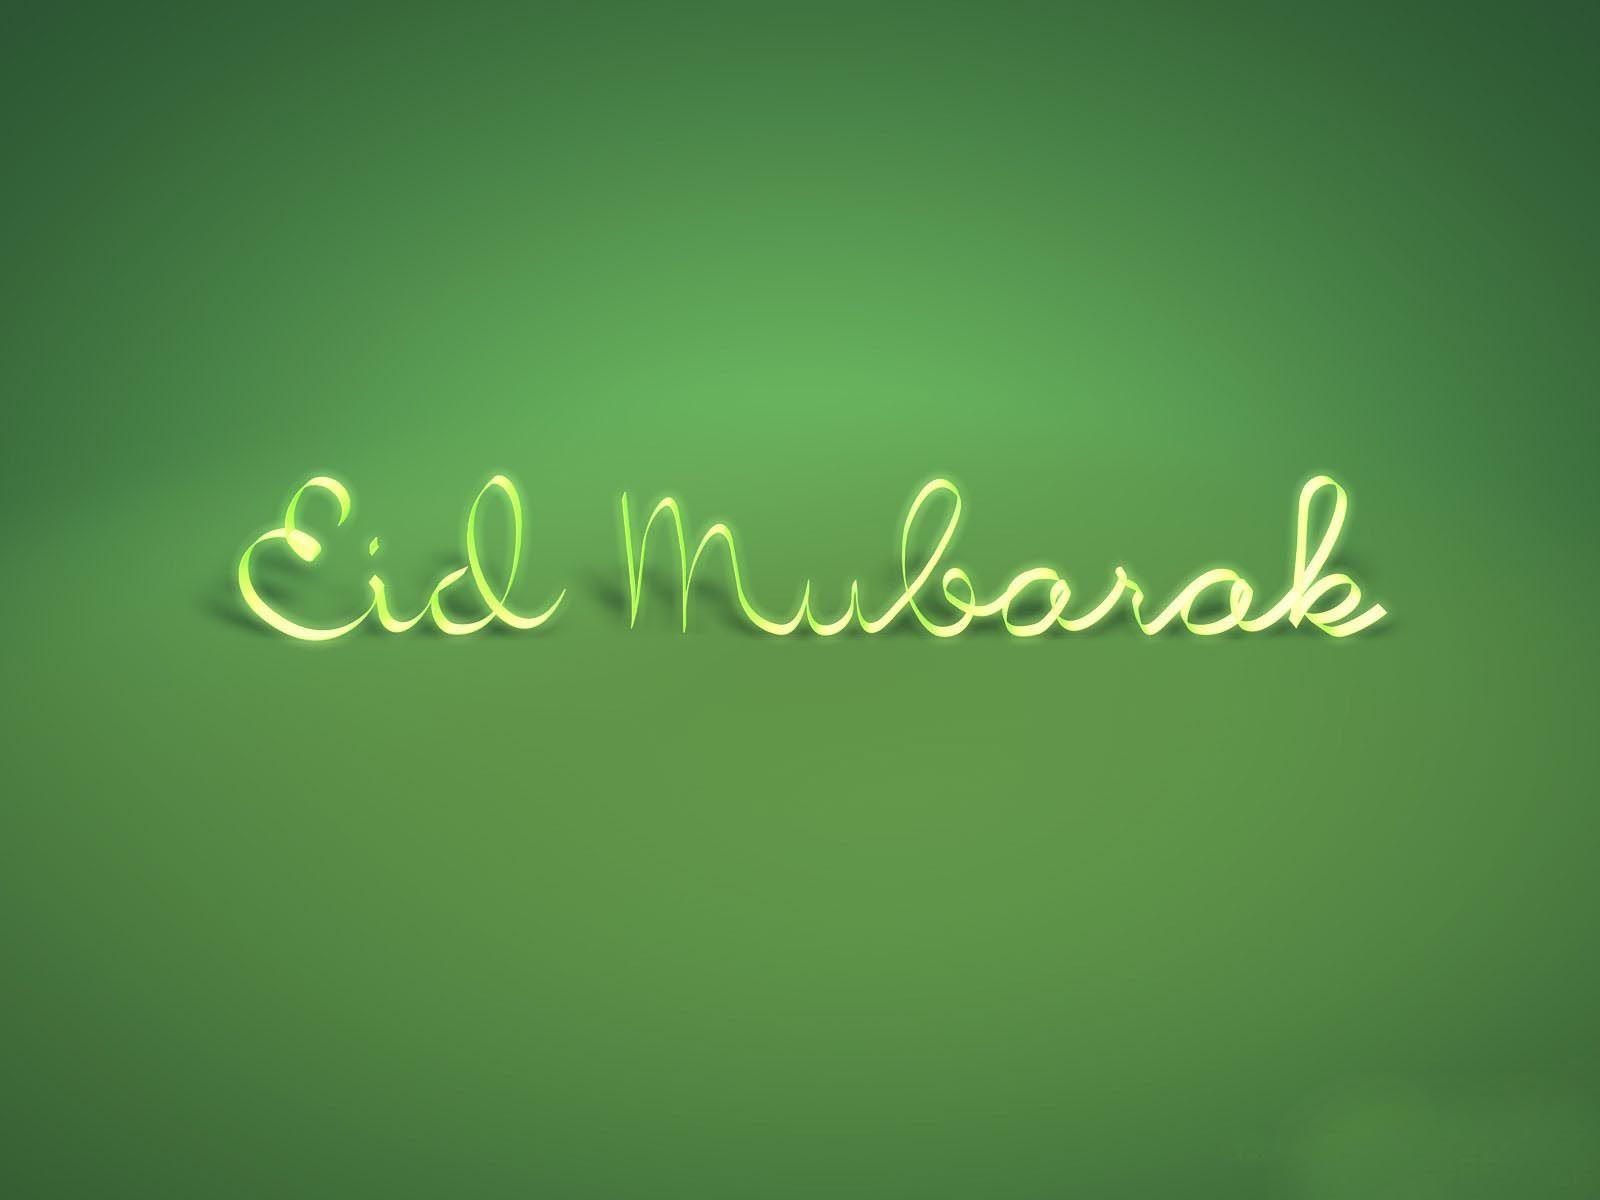 Eid Mubarak Simple And Elegant Poster Design Pinterest Eid